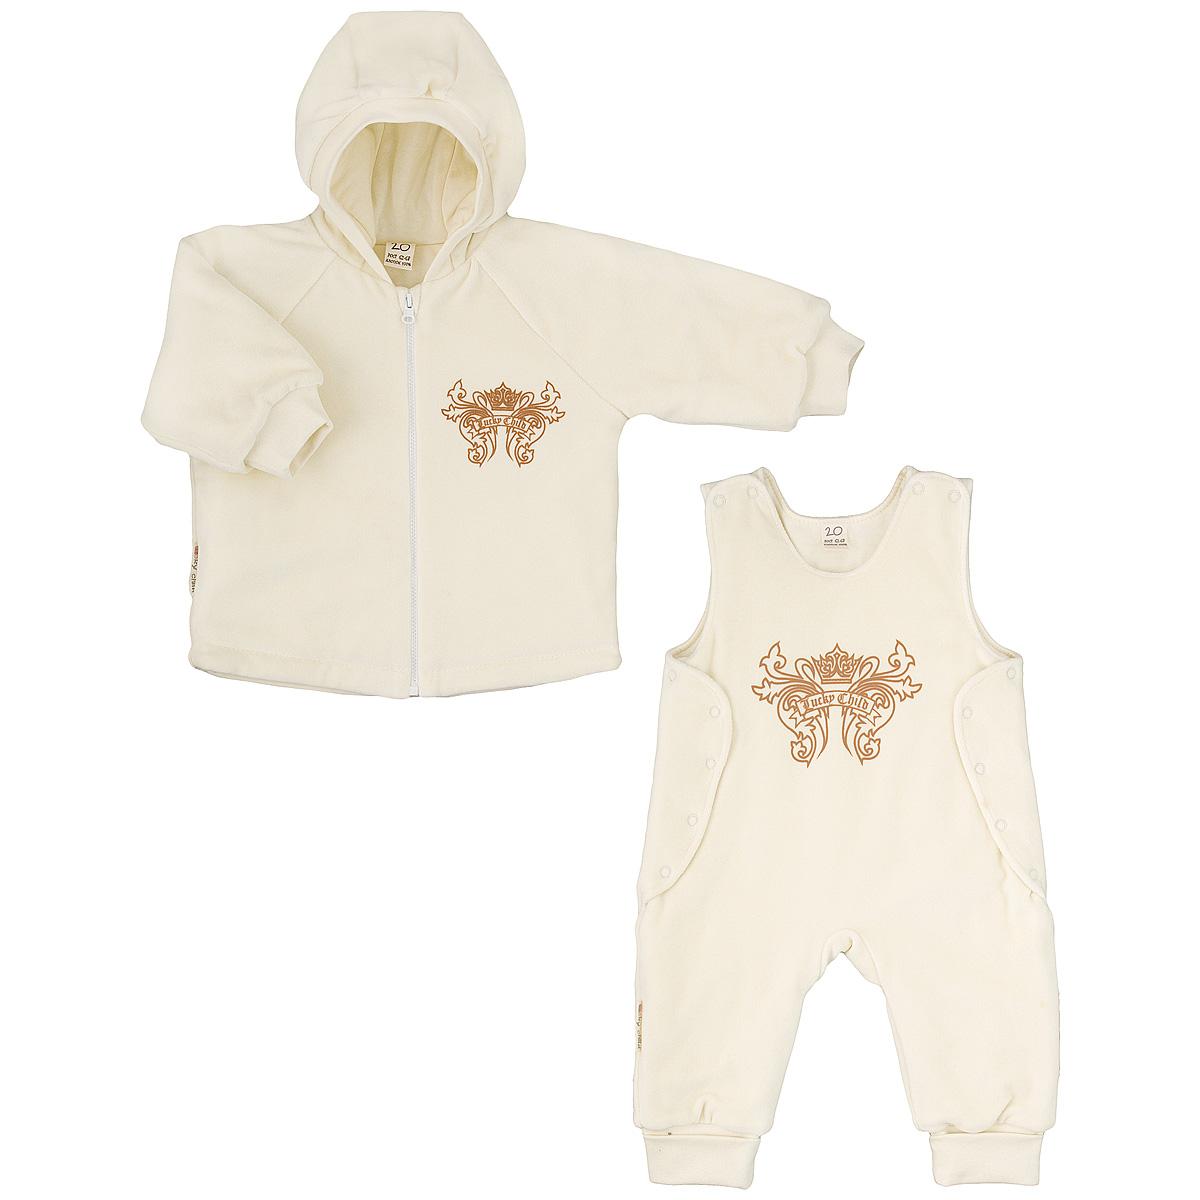 Комплект детский Lucky Child: куртка, полукомбинезон, цвет: экрю. 5-5. Размер 74/805-5Утепленный детский комплект Lucky Child идеально подойдет для ребенка в прохладное время года. Комплект состоит из куртки и полукомбинезона, изготовленных из велюра с утеплителем из синтепона, а для максимального комфорта на подкладке используется натуральный хлопок, который не раздражает нежную кожу ребенка и хорошо сохраняет тепло. Комплект необычайно мягкий и приятный на ощупь, не сковывает движения малыша и позволяет коже дышать, обеспечивая ему наибольший комфорт. Куртка с капюшоном и длинными рукавами-реглан застегивается на пластиковую застежку-молнию. Рукава дополнены широкими трикотажными манжетами, не стягивающими запястья. На груди она оформлена оригинальным принтом в виде логотипа бренда. Полукомбинезон застегивается сверху на кнопки, а по бокам дополнен специальными клапанами на кнопках, которые позволяют без труда переодеть малыша. Снизу брючин предусмотрены широкие трикотажные манжеты. На груди он декорирован таким же рисунком, как на куртке. Комфортный, удобный и практичный этот комплект идеально подойдет для прогулок и игр на свежем воздухе!